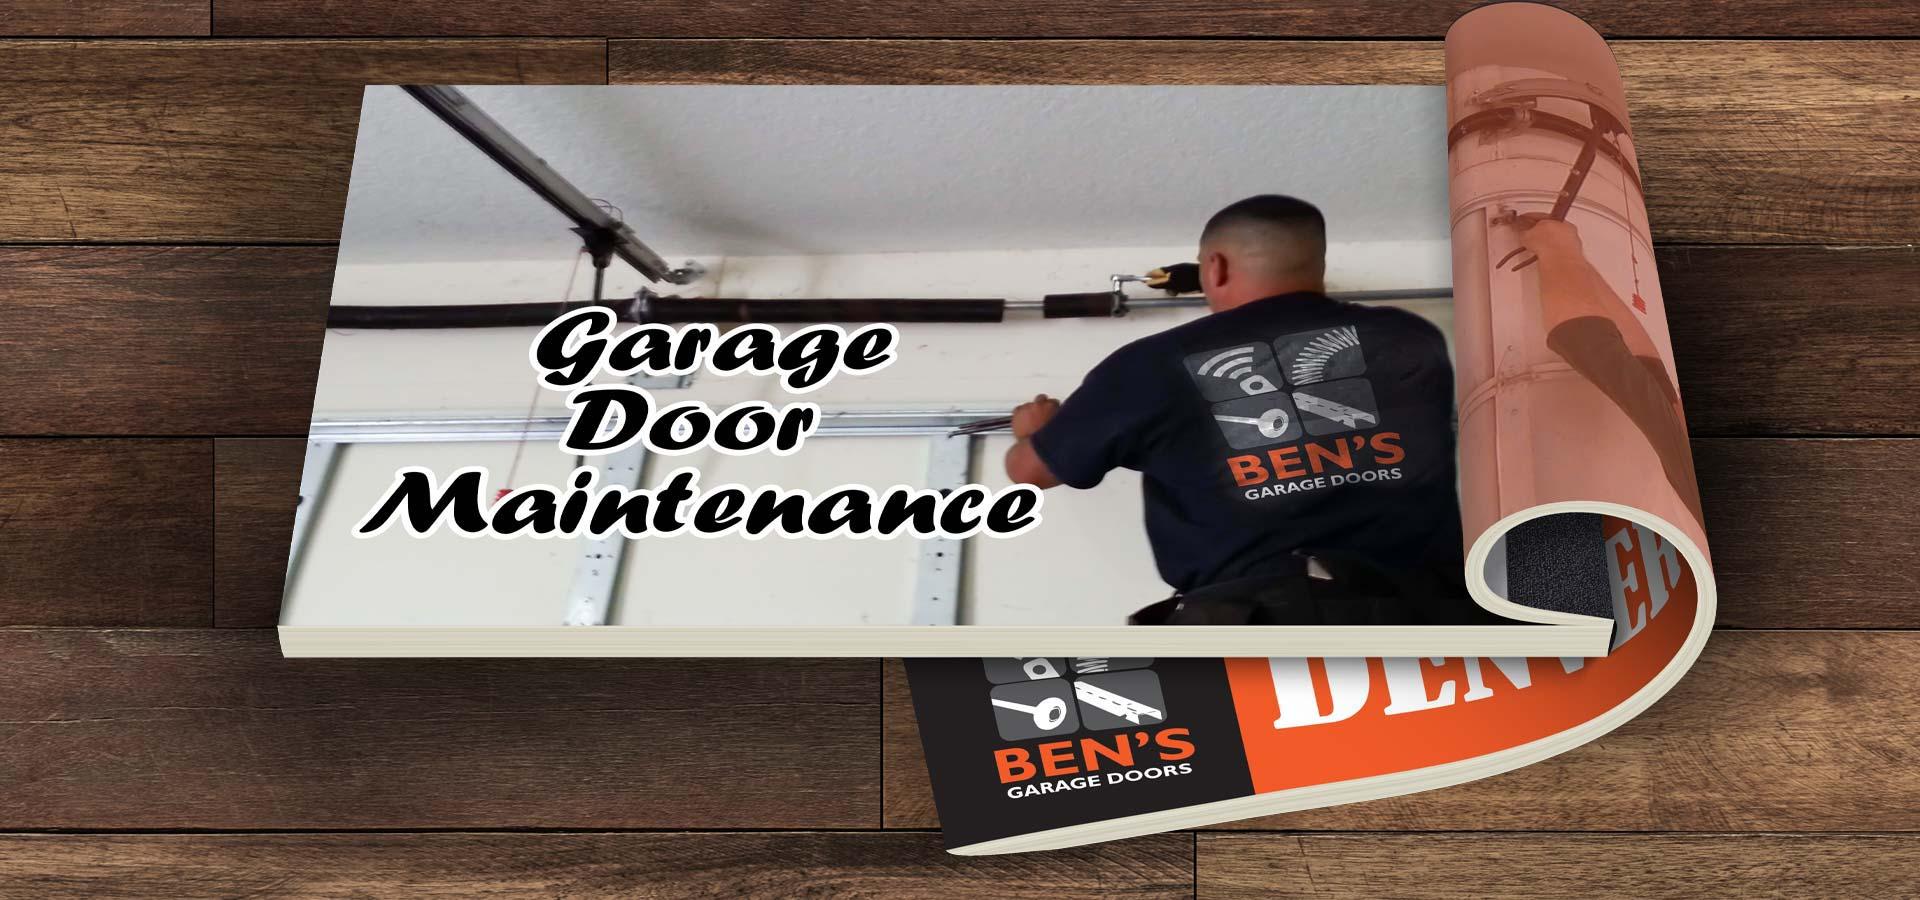 garage door maintenance services